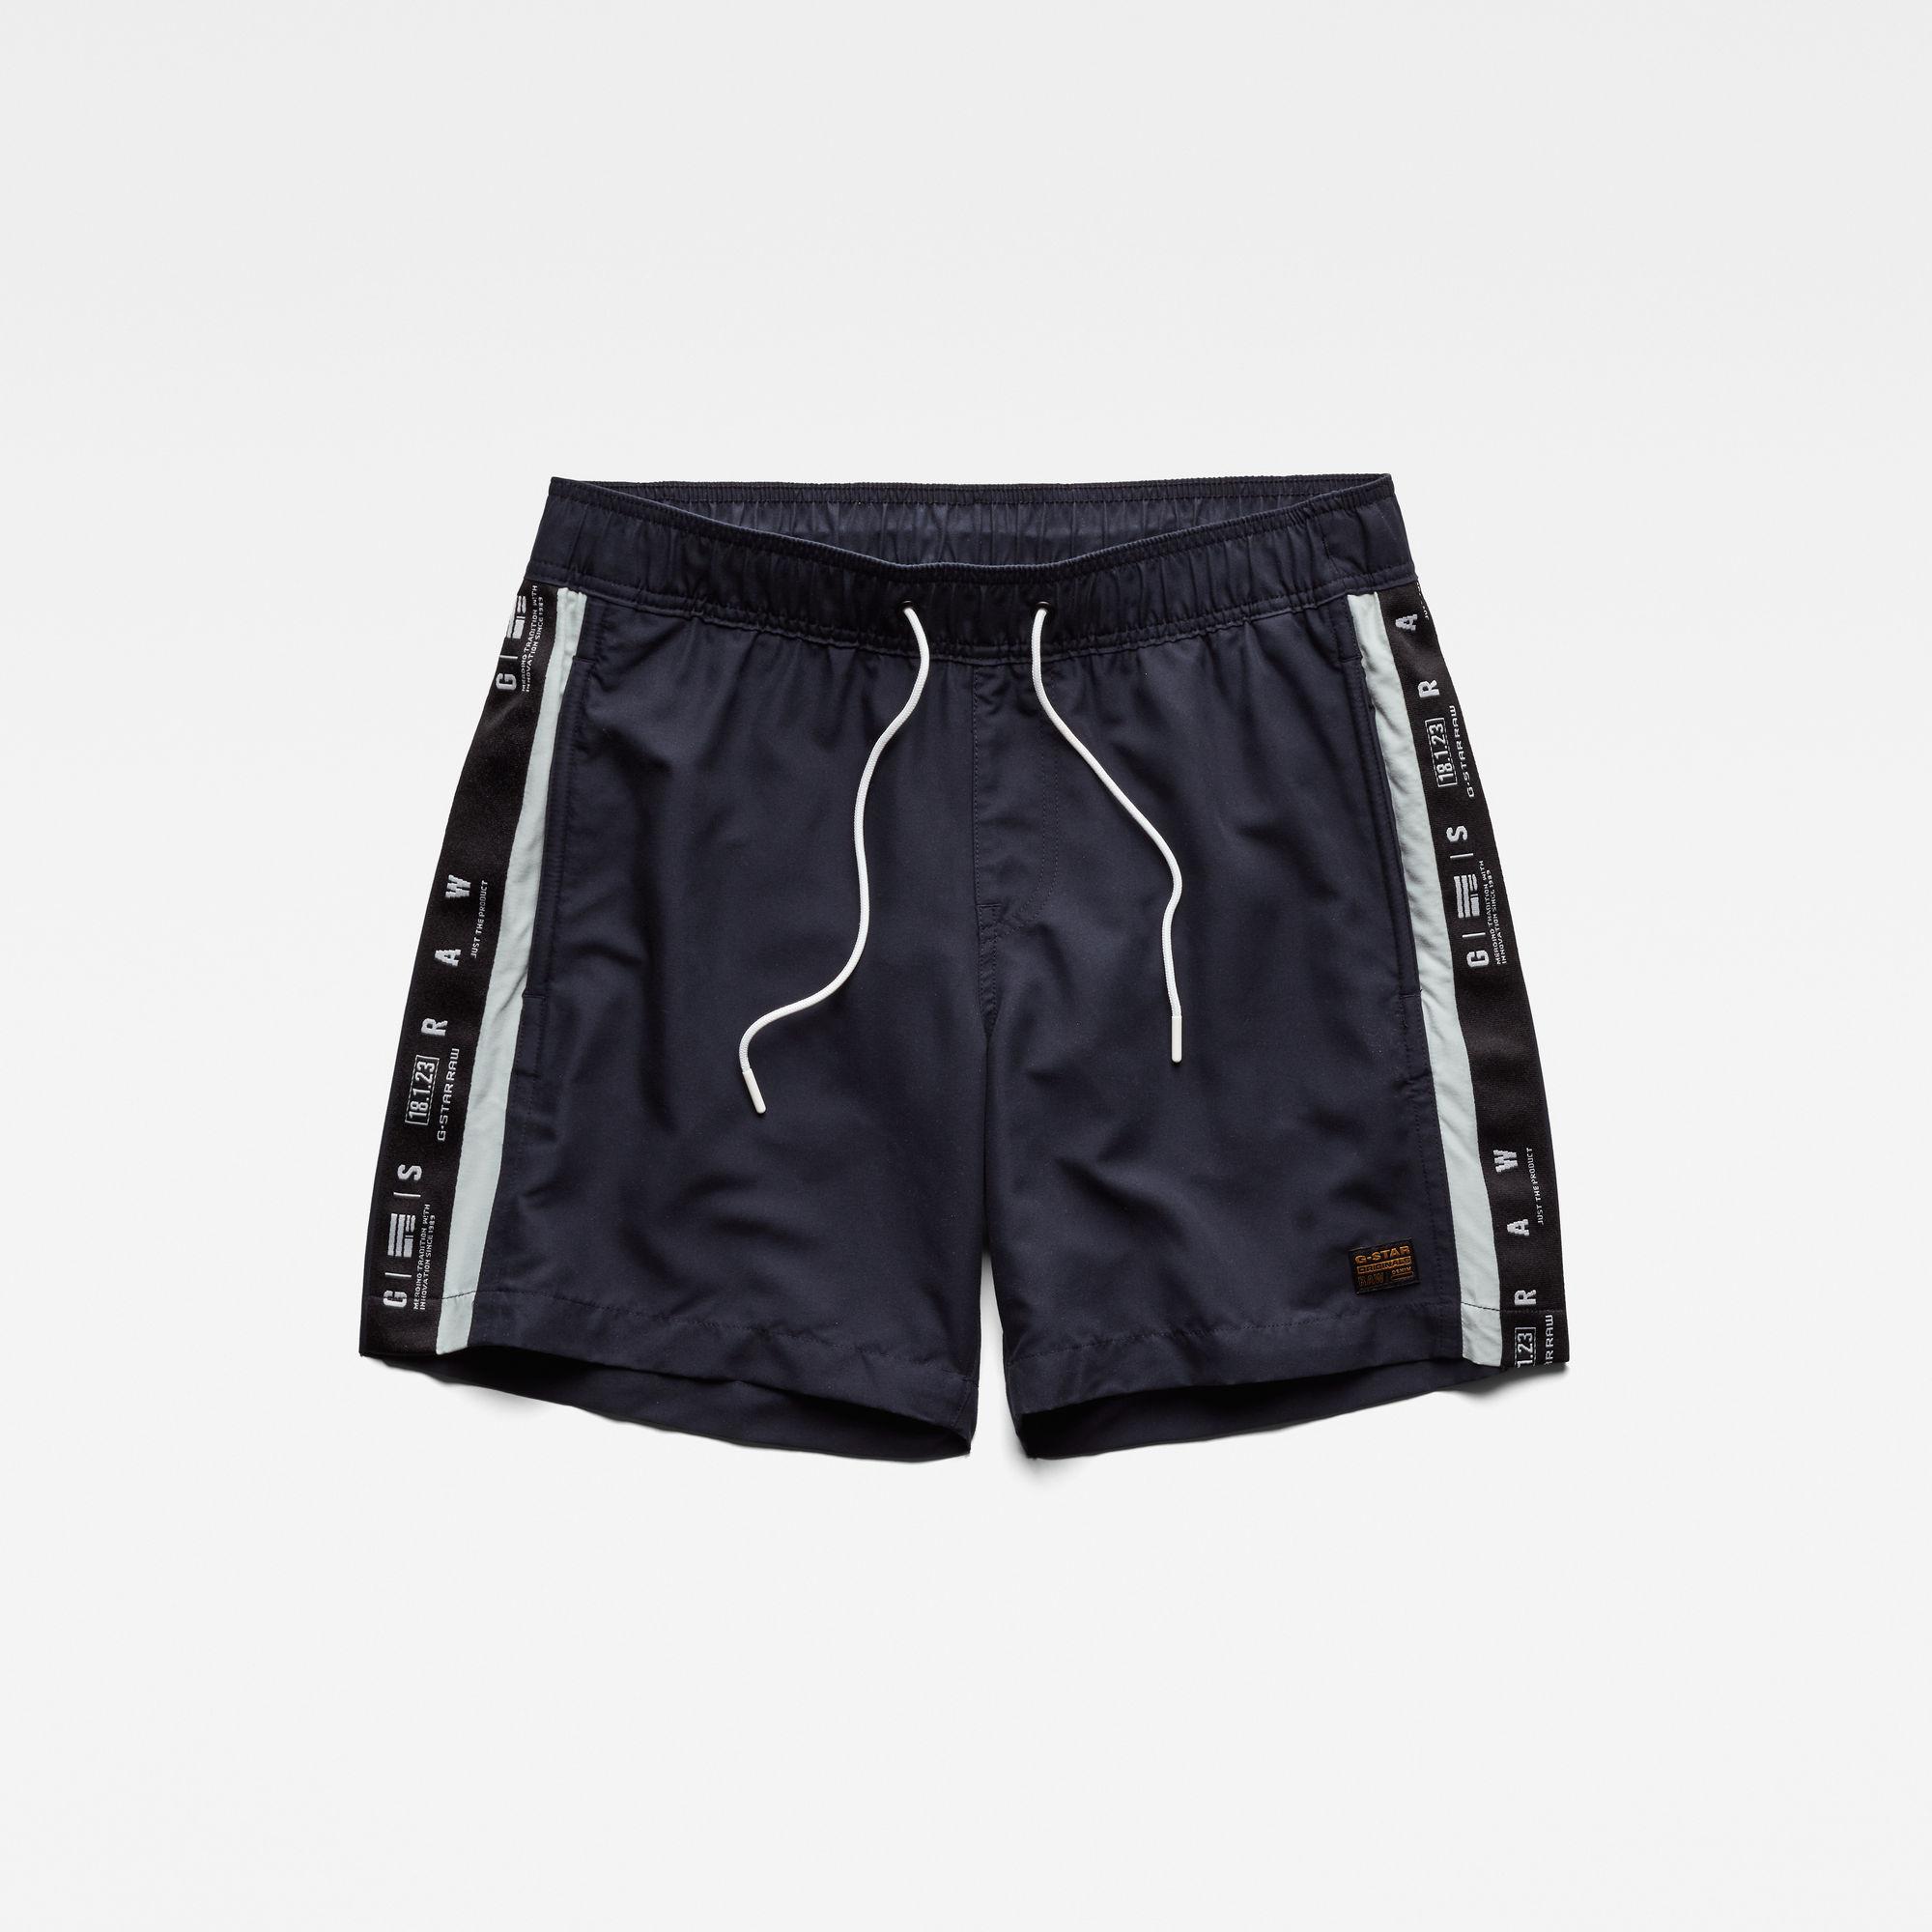 G-star RAW Hommes Short de bain Dirik Tape Bleu foncé  - Taille: M